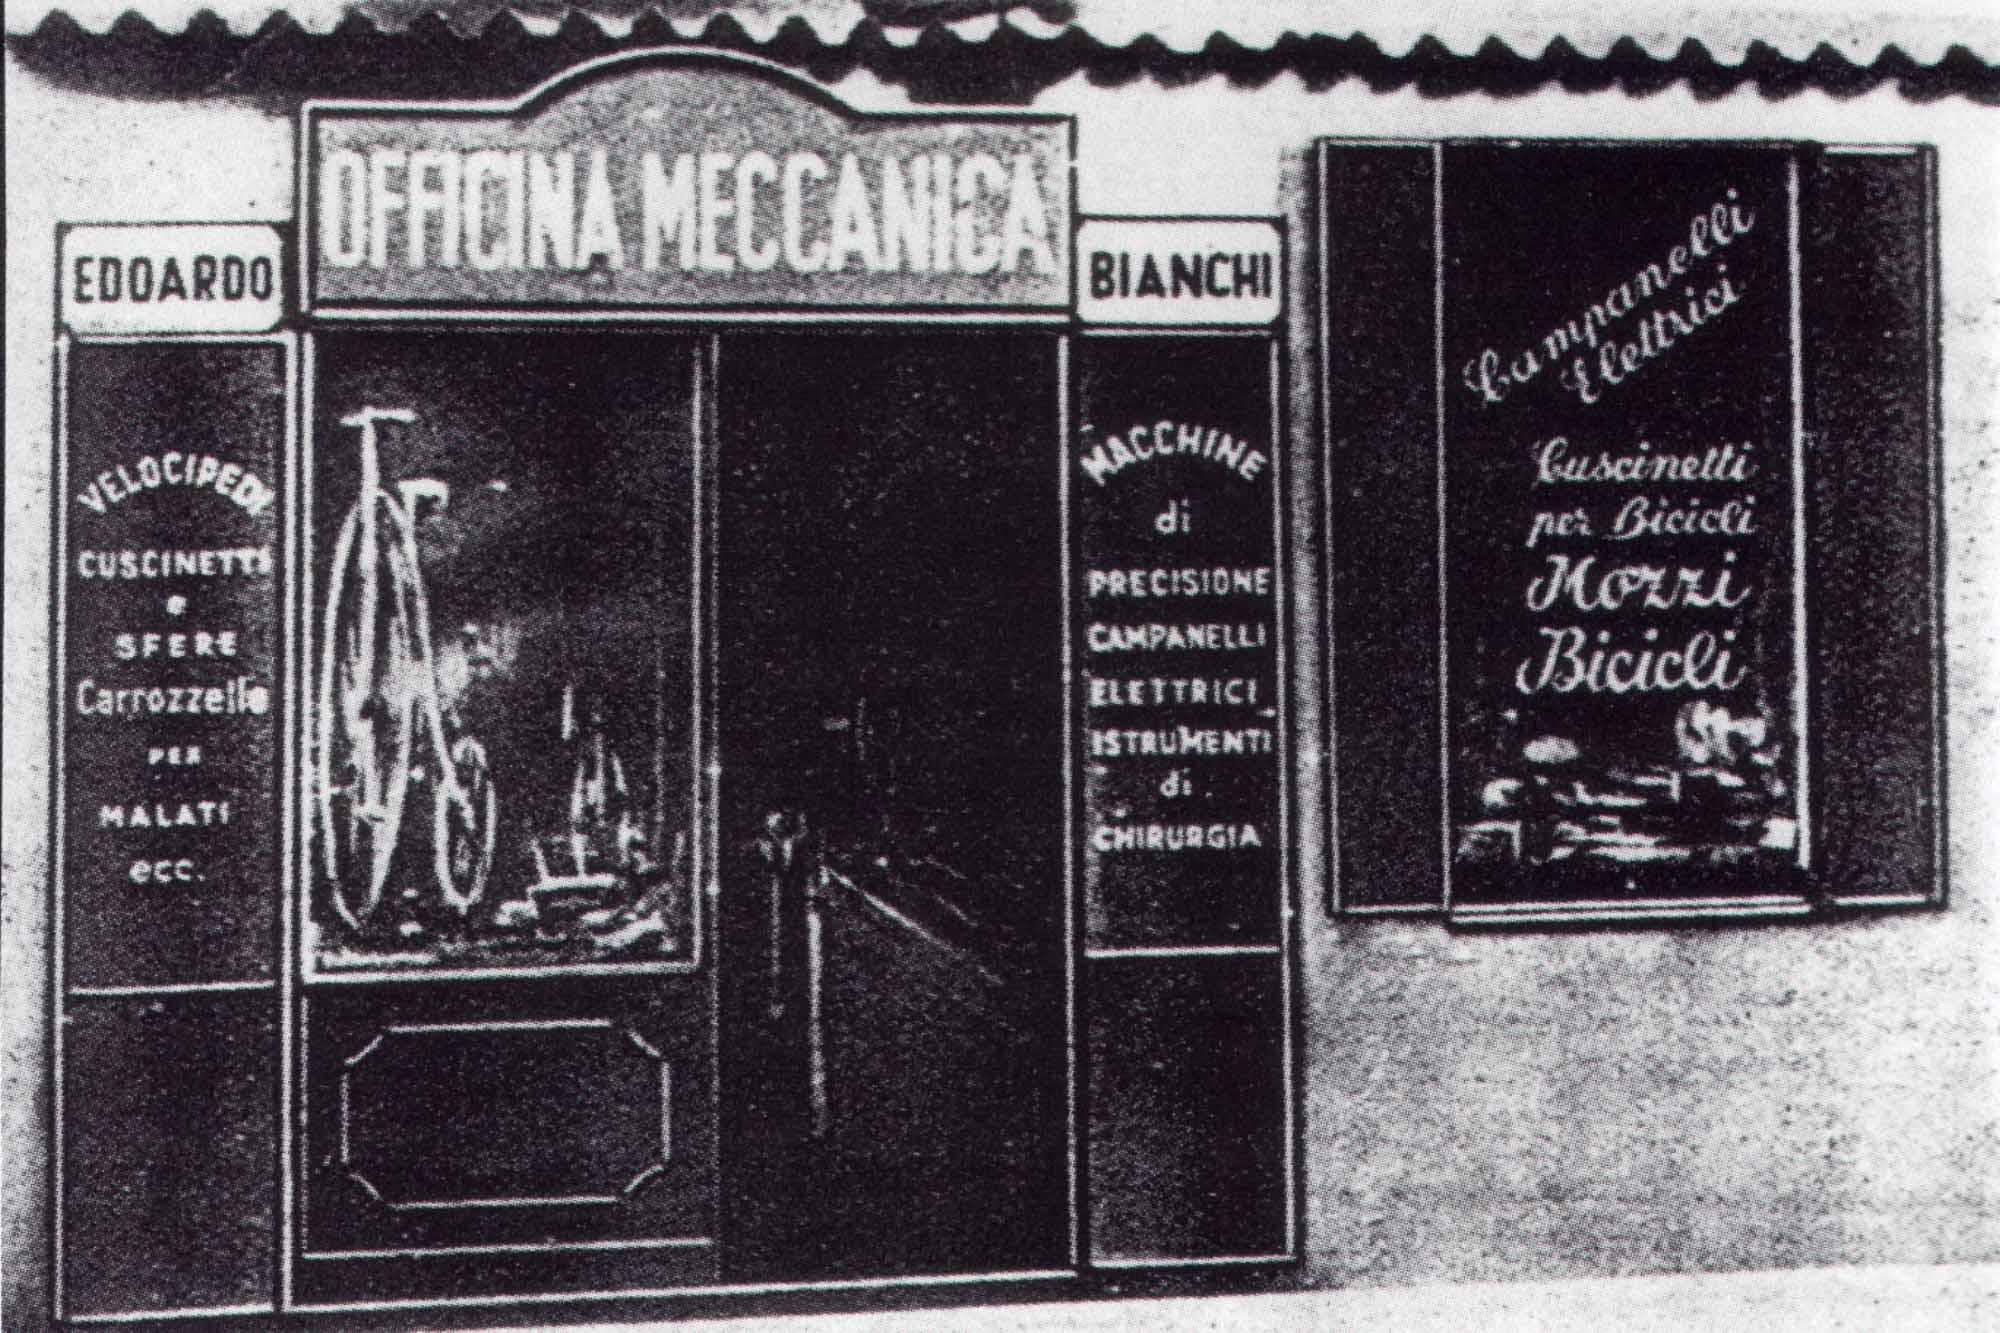 Bianchi fietsenwinkel Milaan